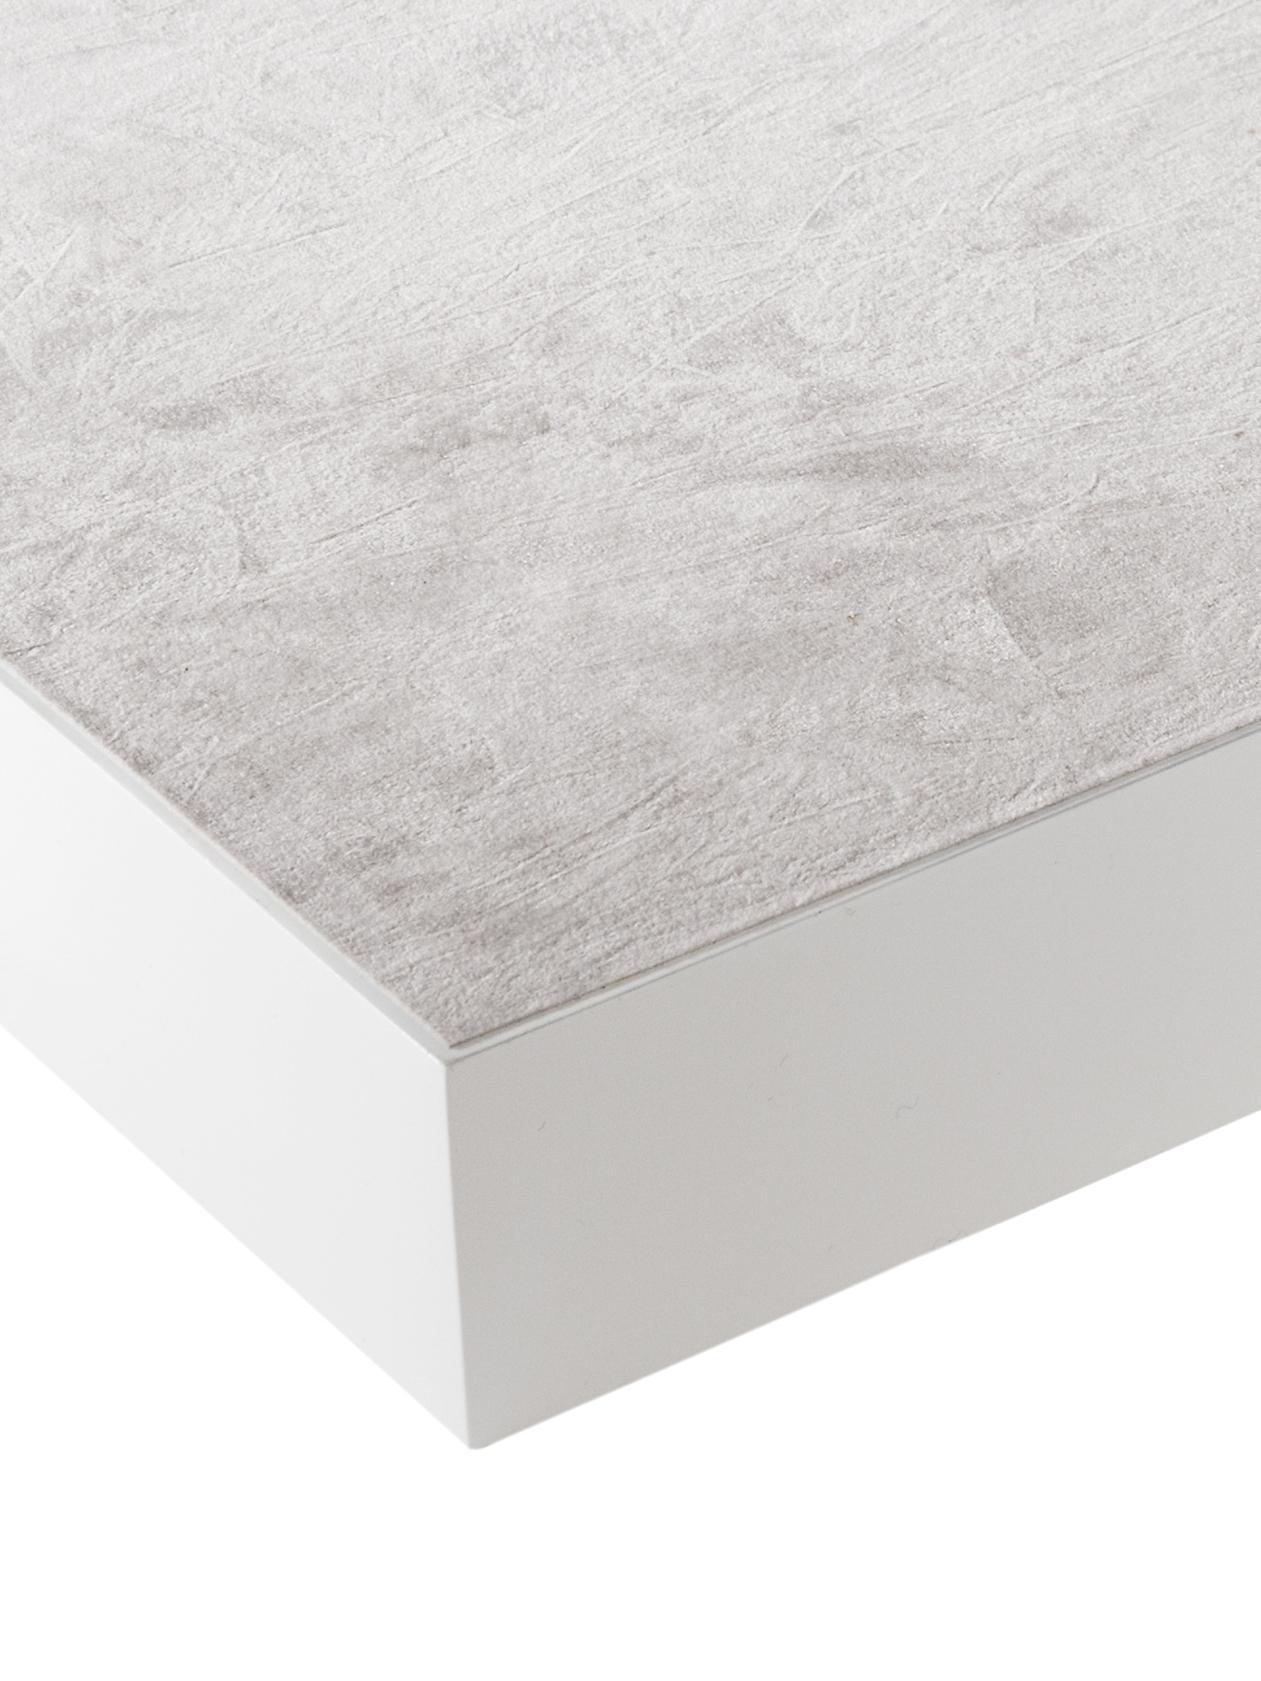 Hochglanz-Tablett Hayley in Weiß, Tablett: Mitteldichte Holzfaserpla, Unterseite: Samtbezug, Weiß, B 50 x T 35 cm